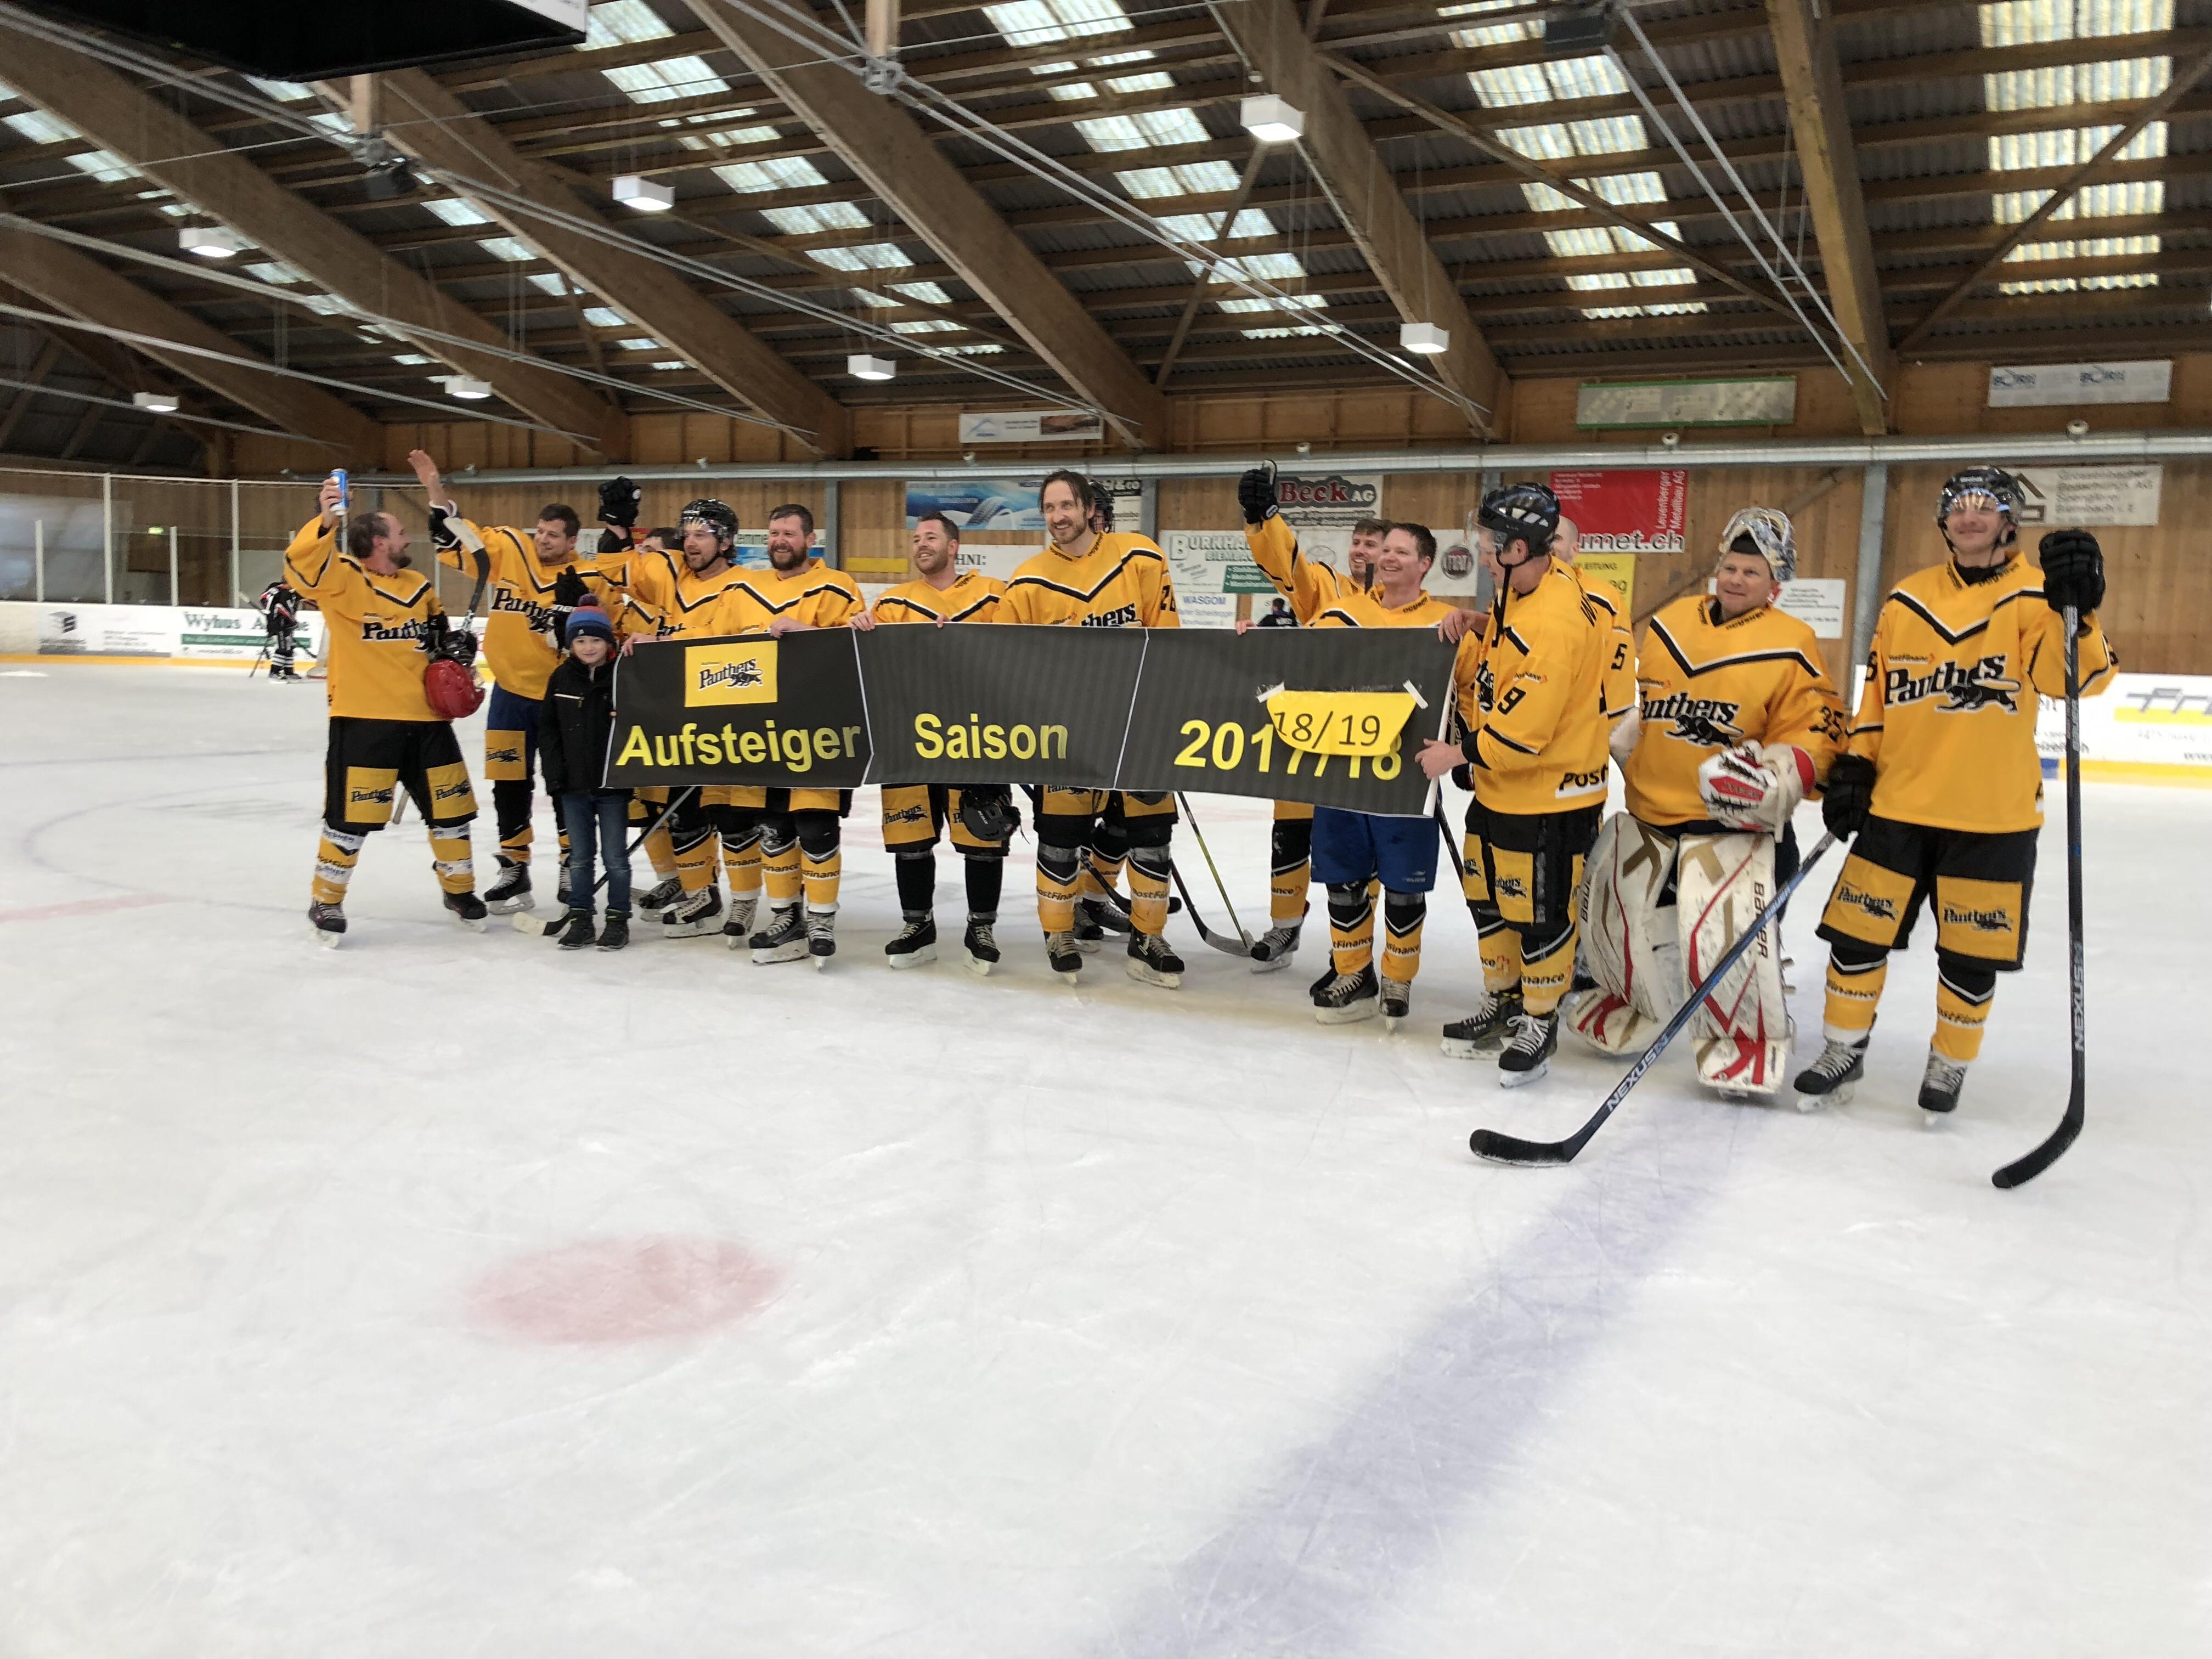 Saison 18/19 - Aufstieg Gruppe B